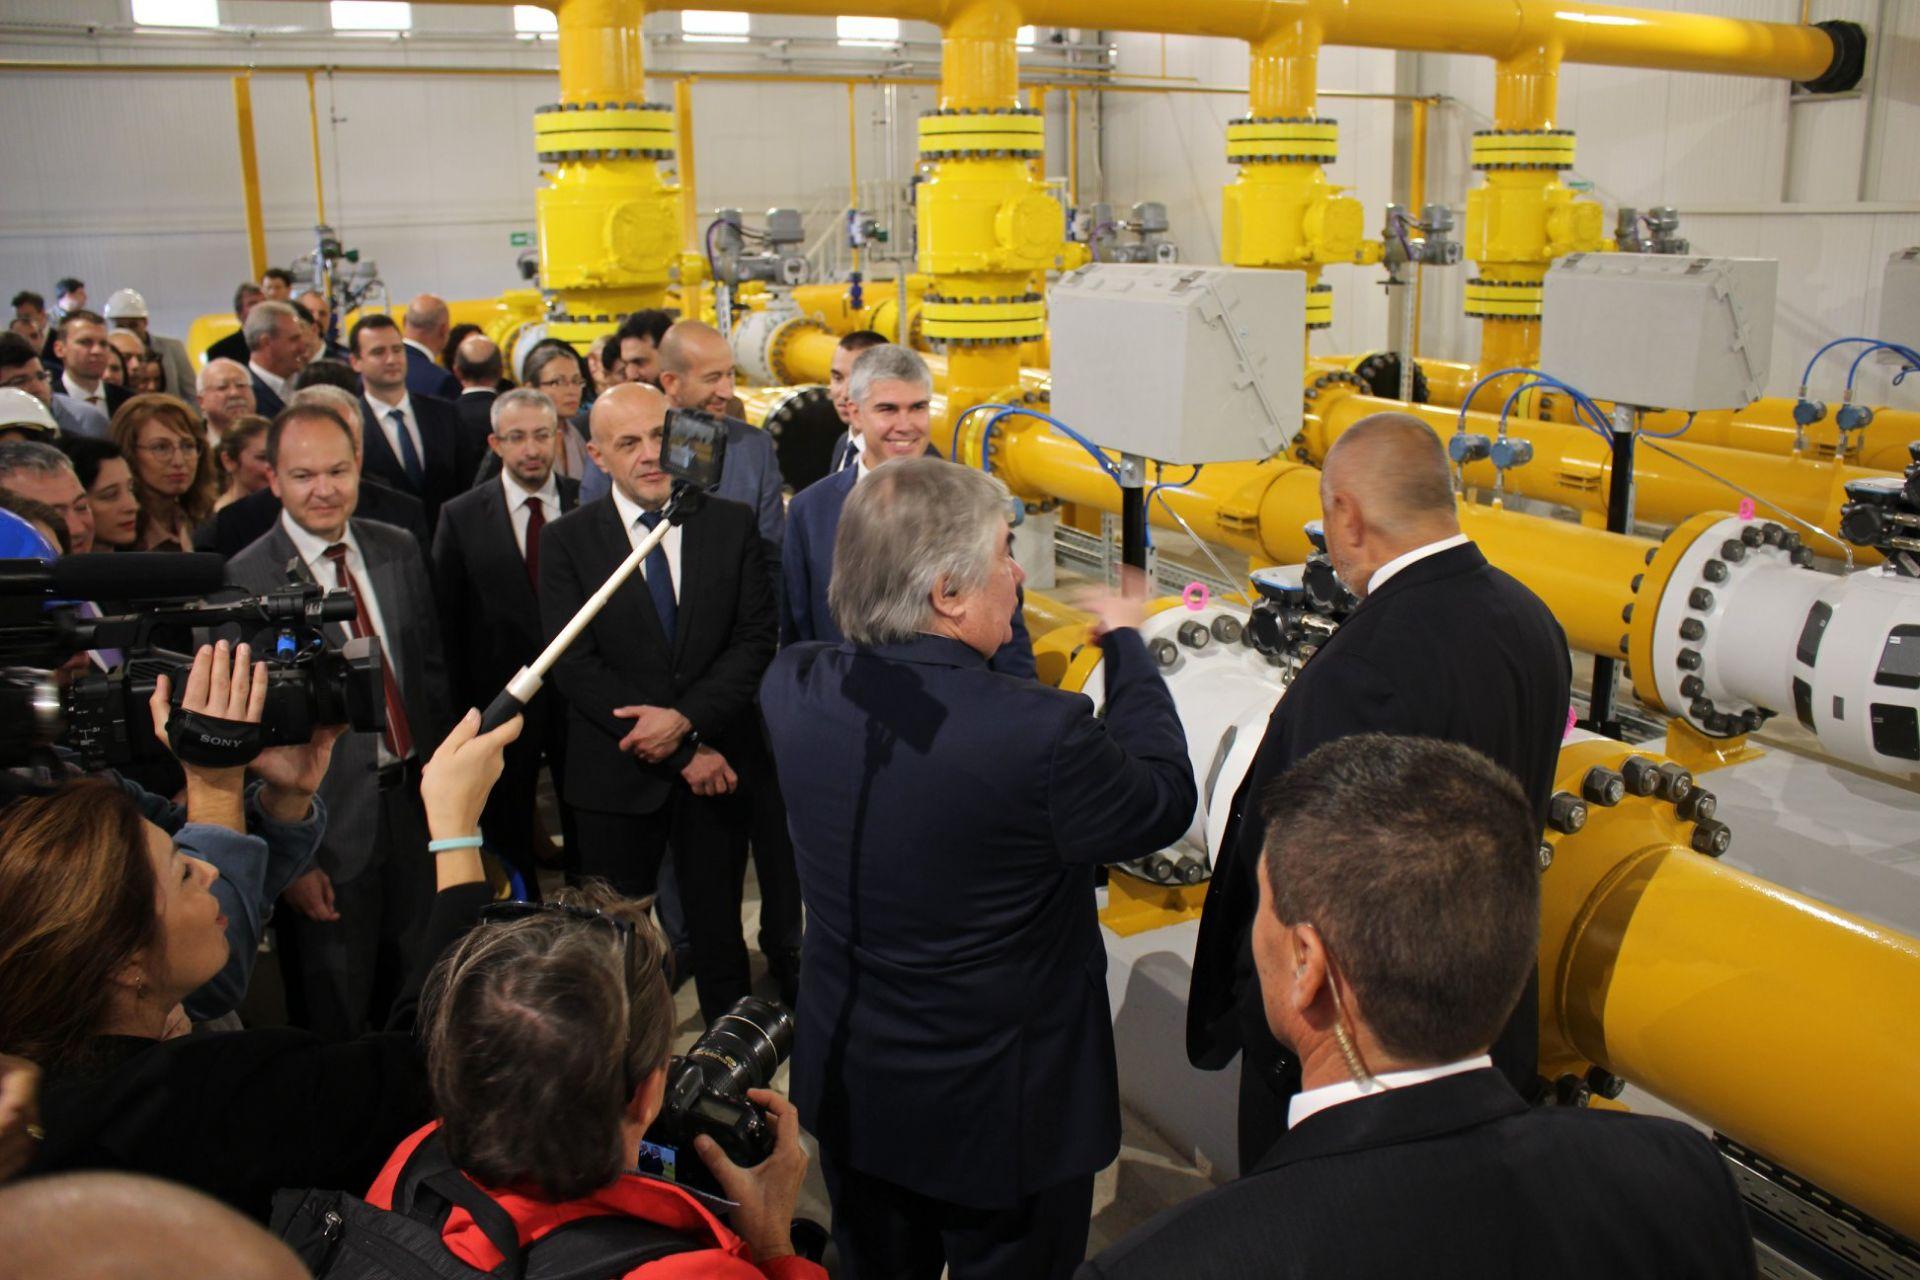 Анатолий Макаров (в гръб) и Бойко Борисов разгледаха тръбите на газопровода